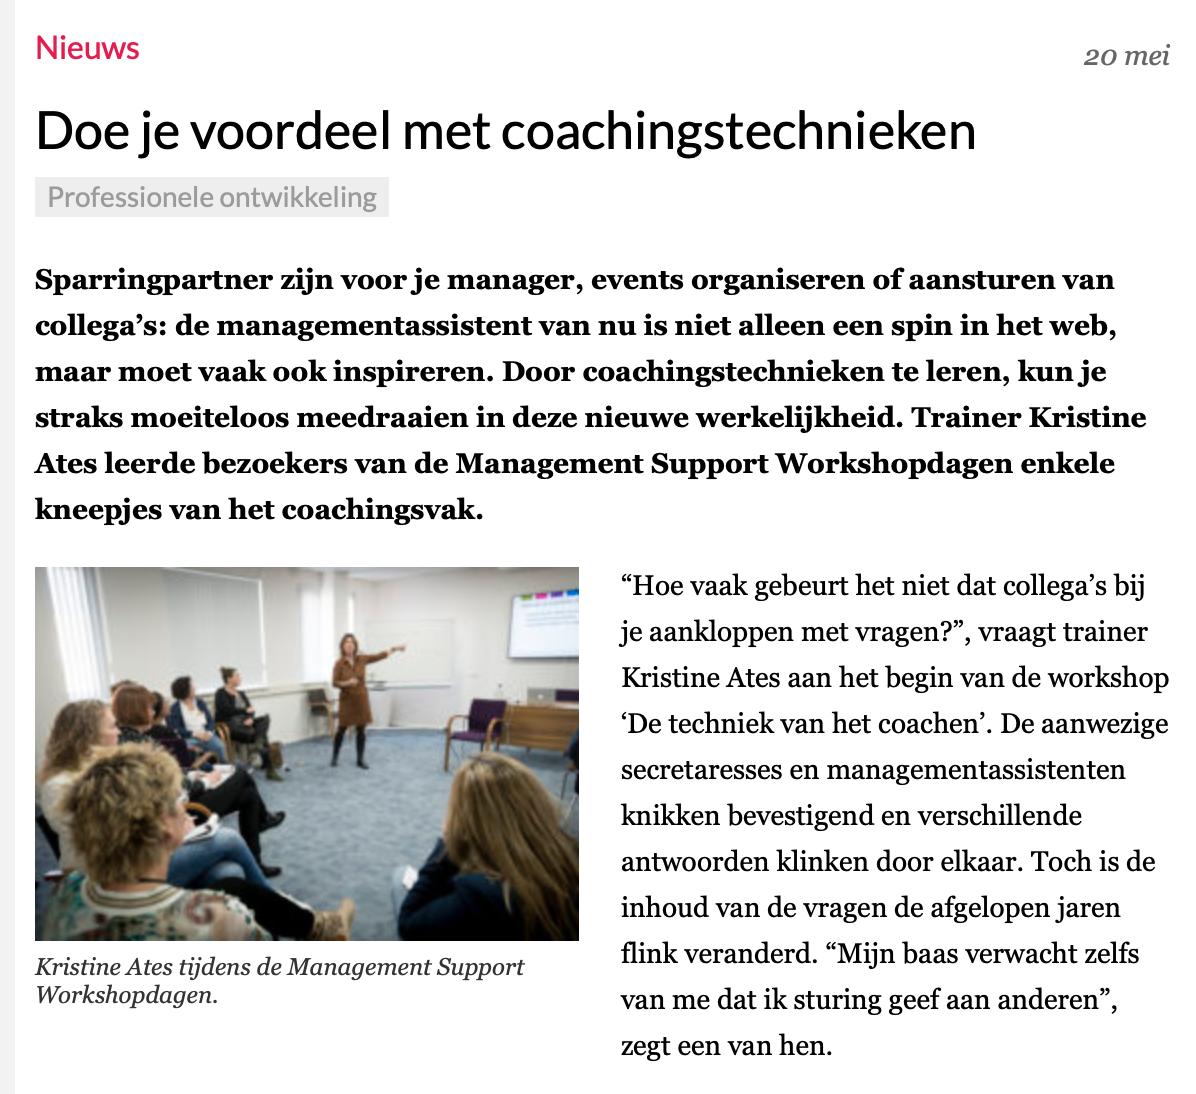 Doe je voordeel met coachingstechnieken